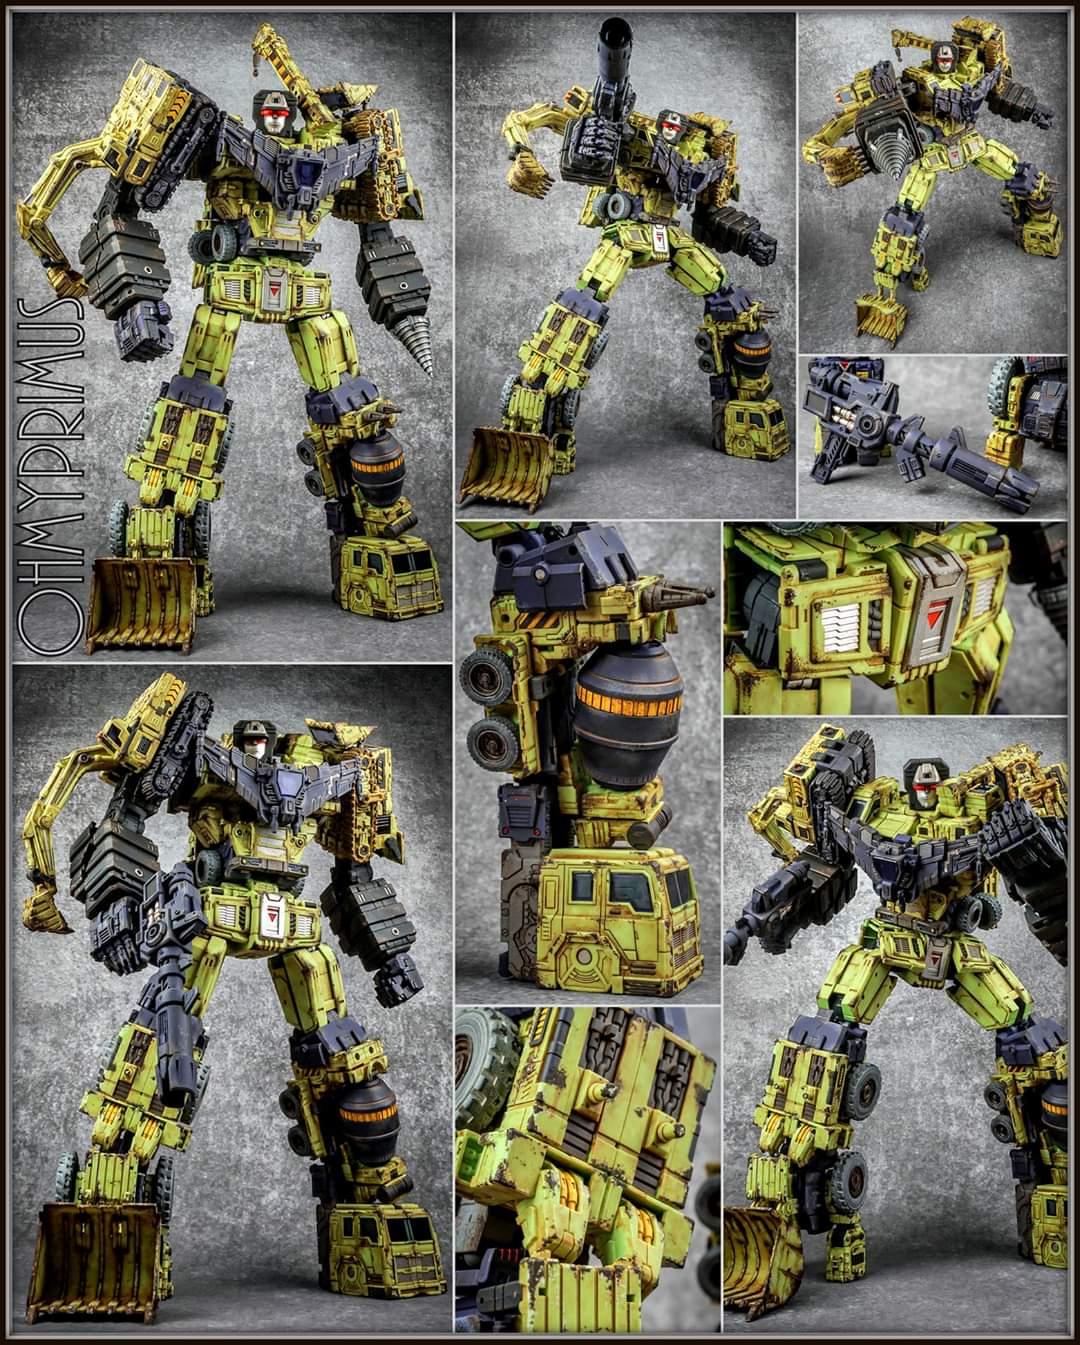 [Toyworld] Produit Tiers - Jouet TW-C Constructor aka Devastator/Dévastateur (Version vert G1 et jaune G2) - Page 11 P5lQ98vE_o